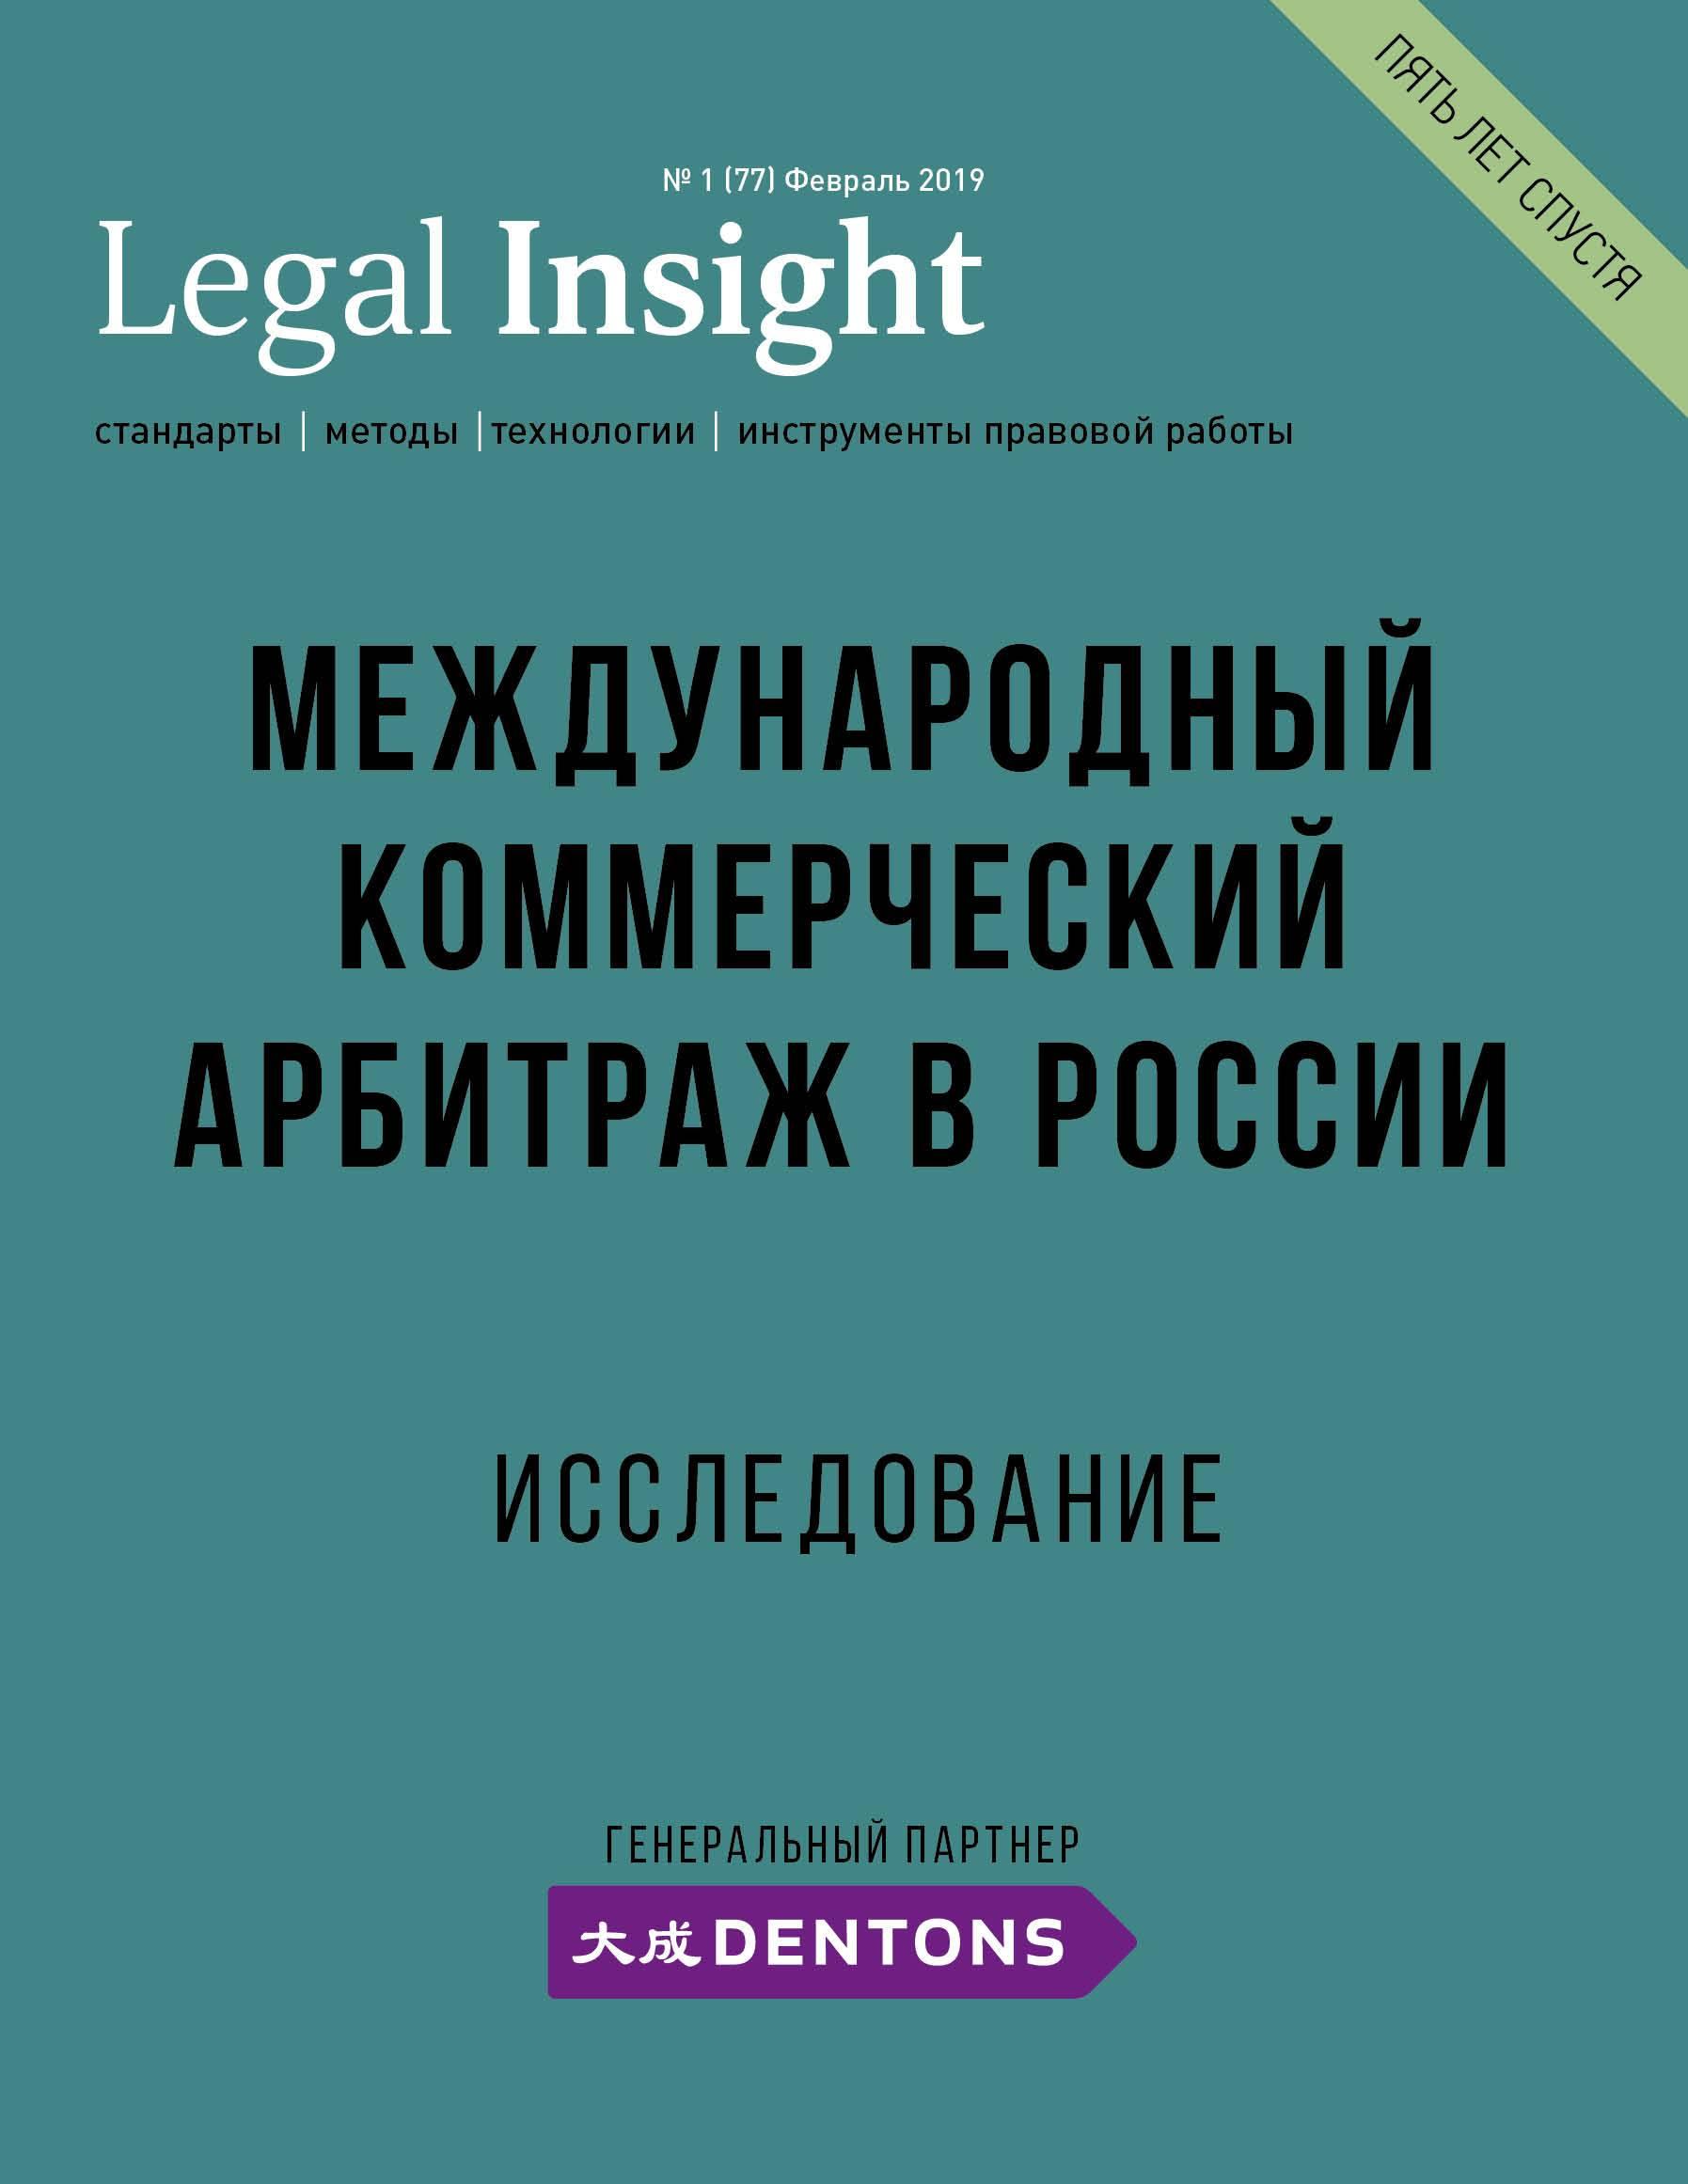 Психологические права человека. возможно это то, что решит ваши проблемы